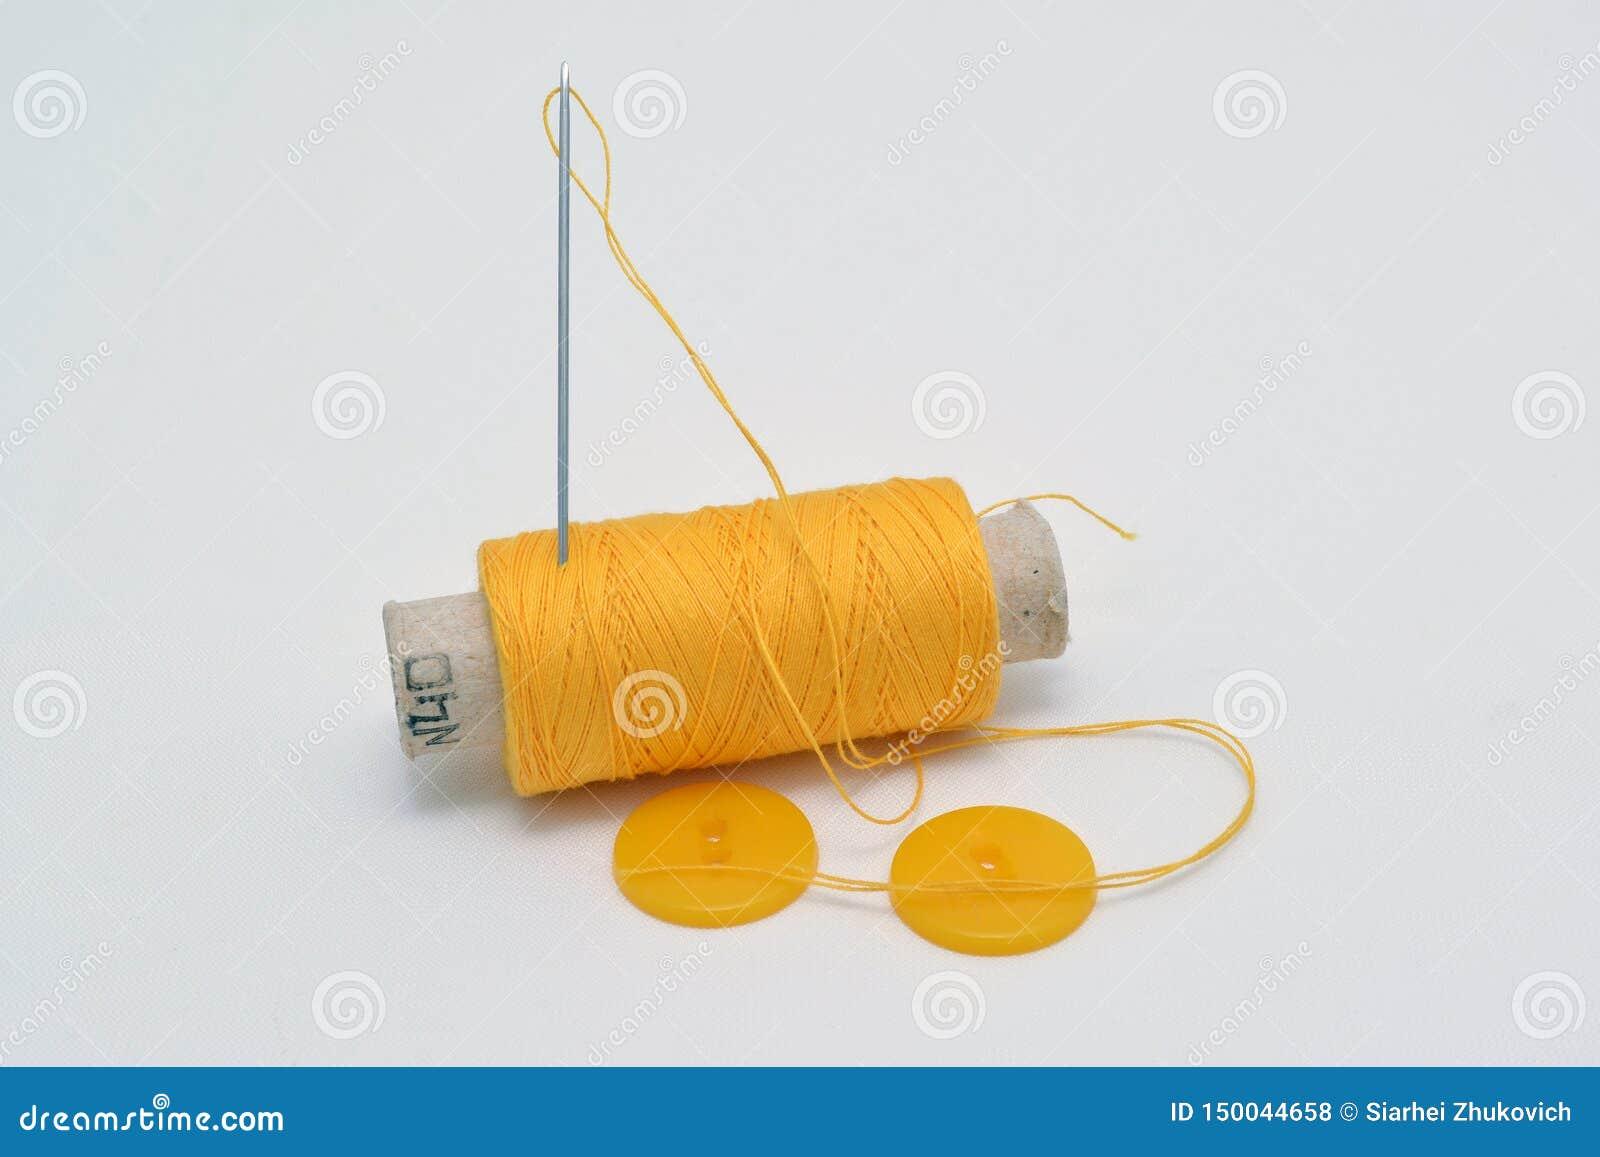 Hilo amarillo con la aguja y botones amarillos